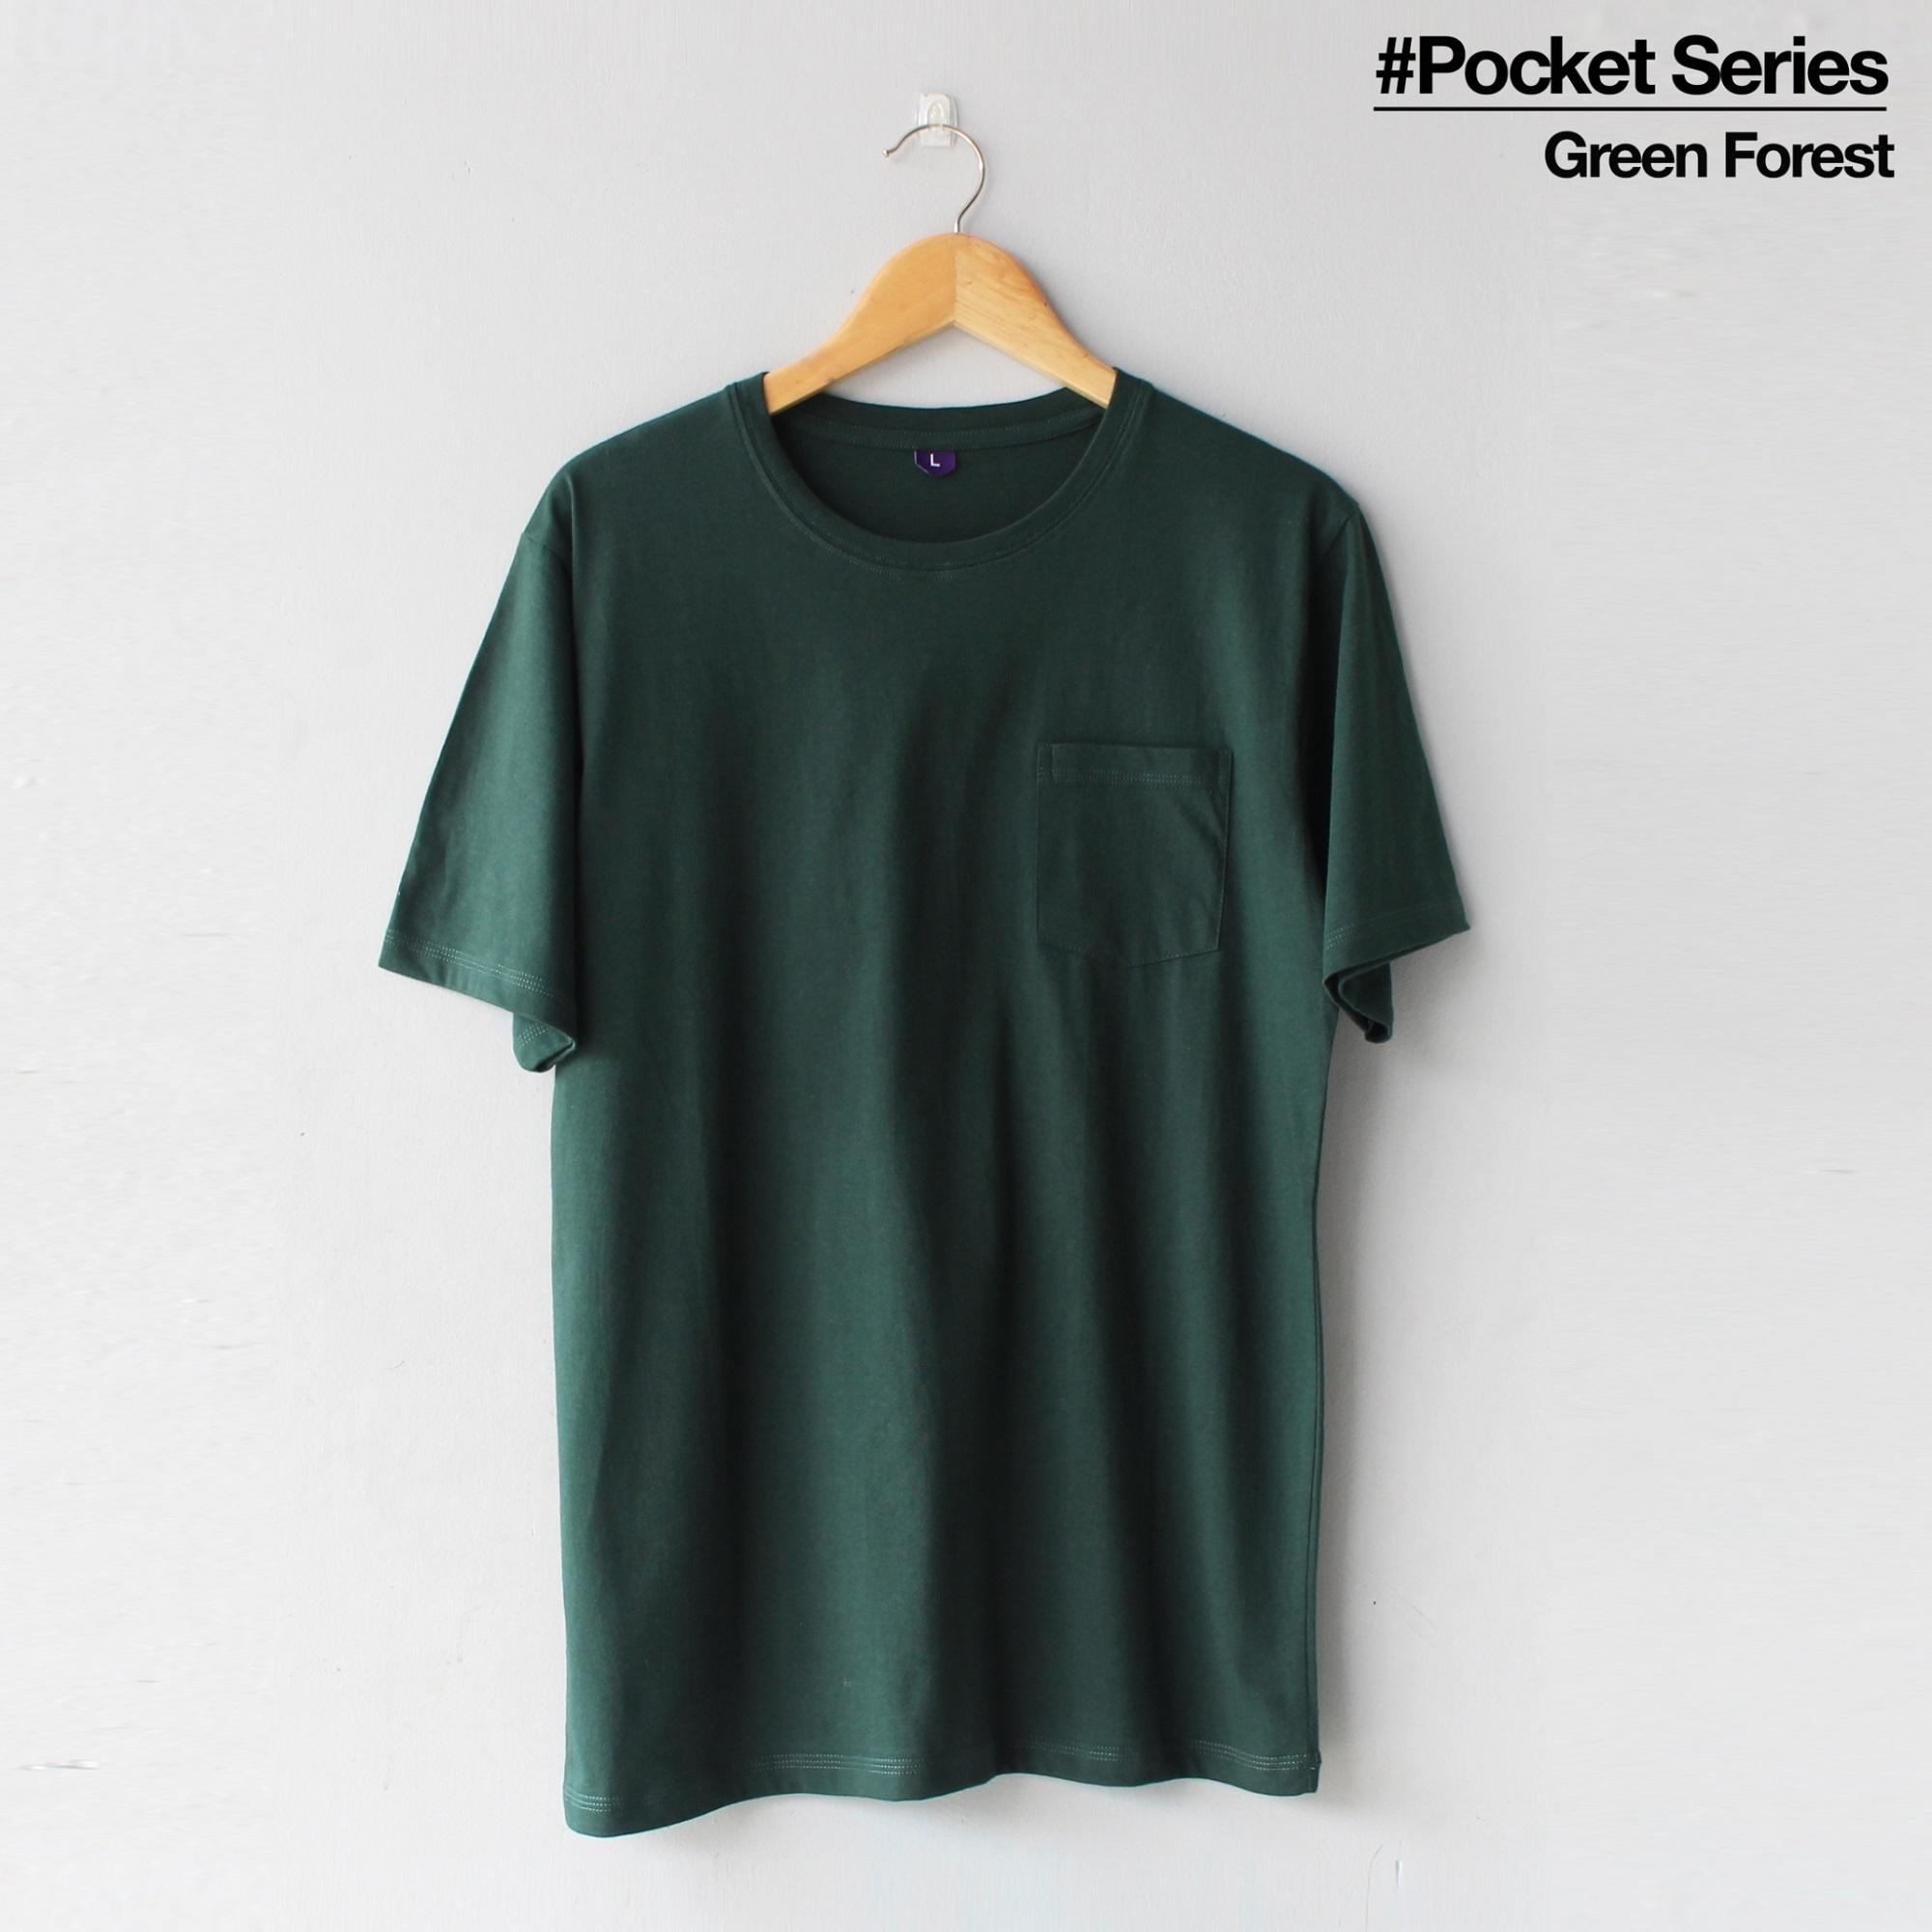 Baju Kaos Polos Harga Termurah Pocket Baju Lengan Pendek Warna Green Forest Untuk Cewek Dan Cowok